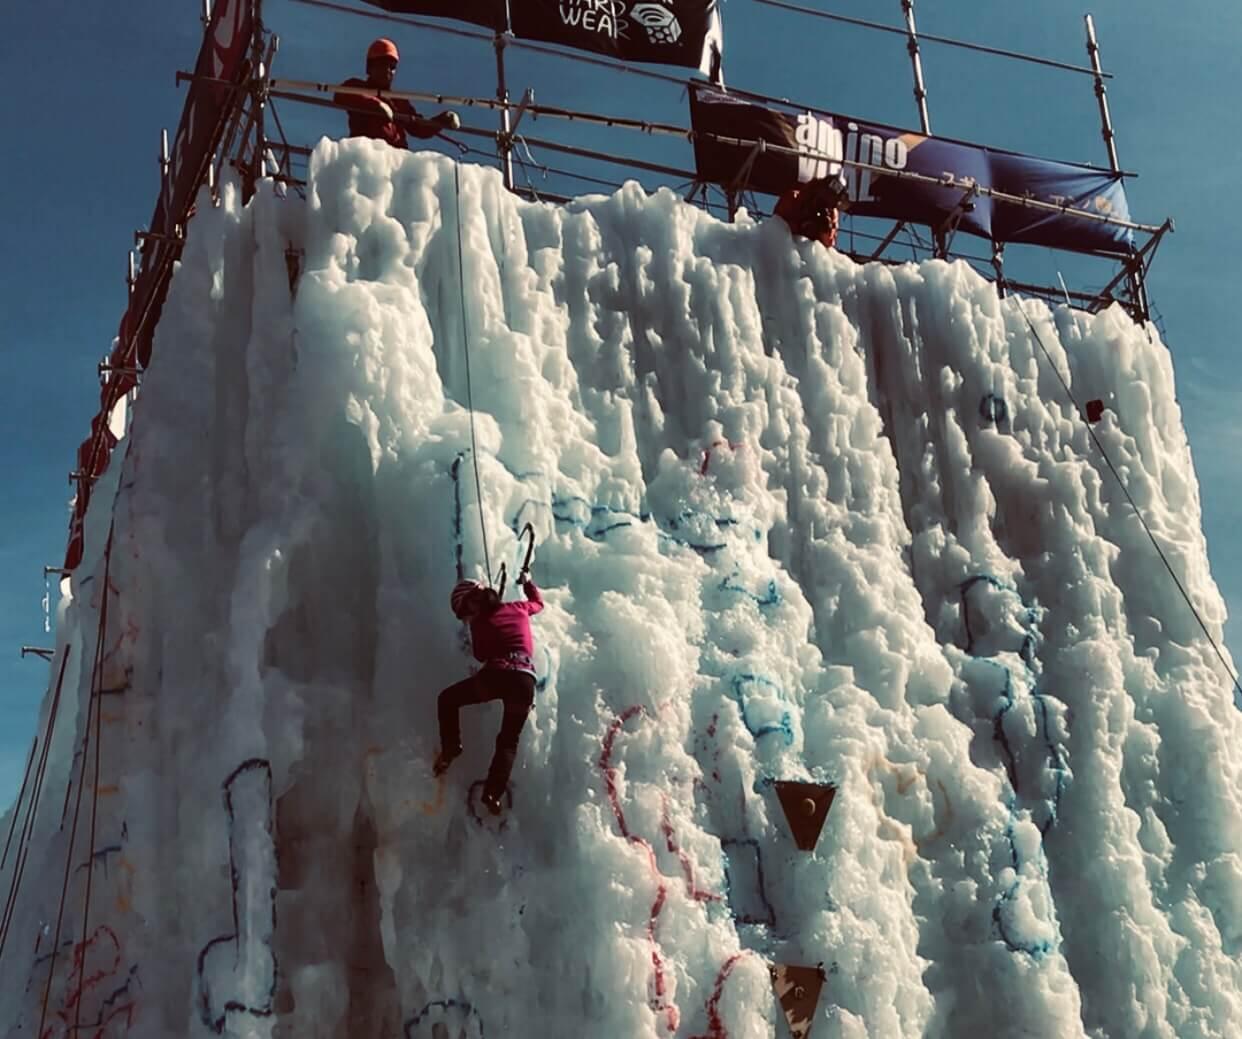 熱き氷上の戦い!岩根山荘アイスツリーカップ2019【イベントレポート】